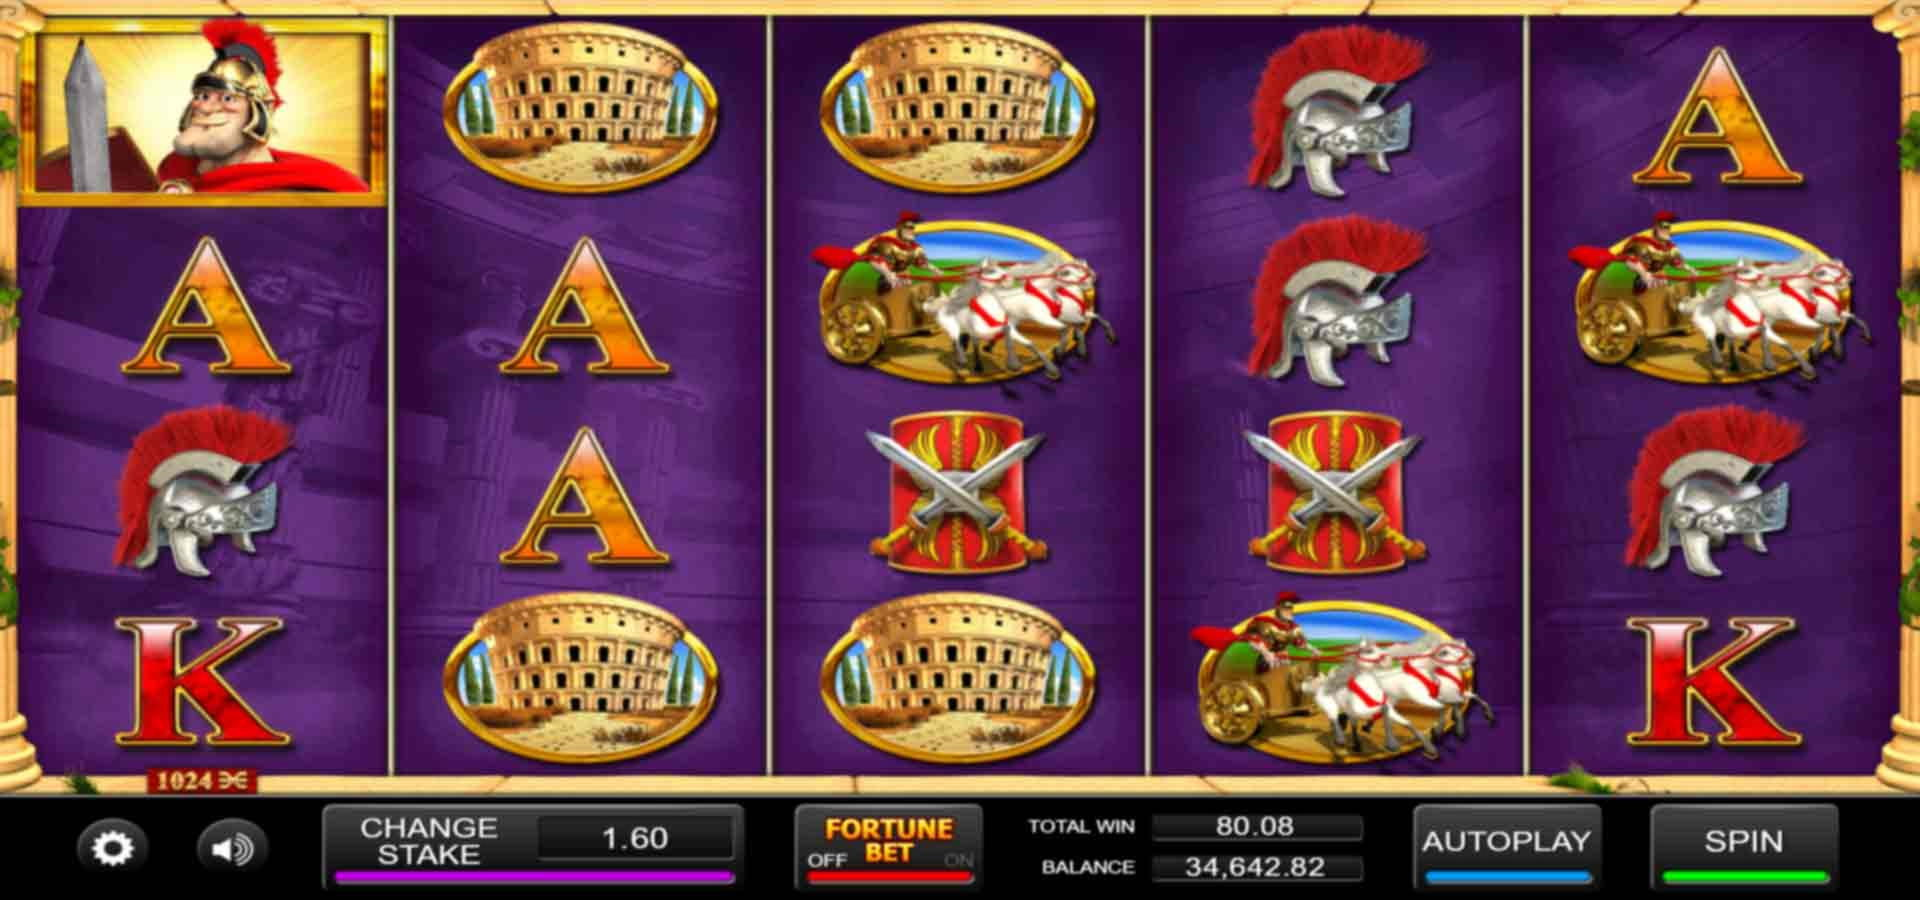 €825 No Deposit at Sloto'Cash